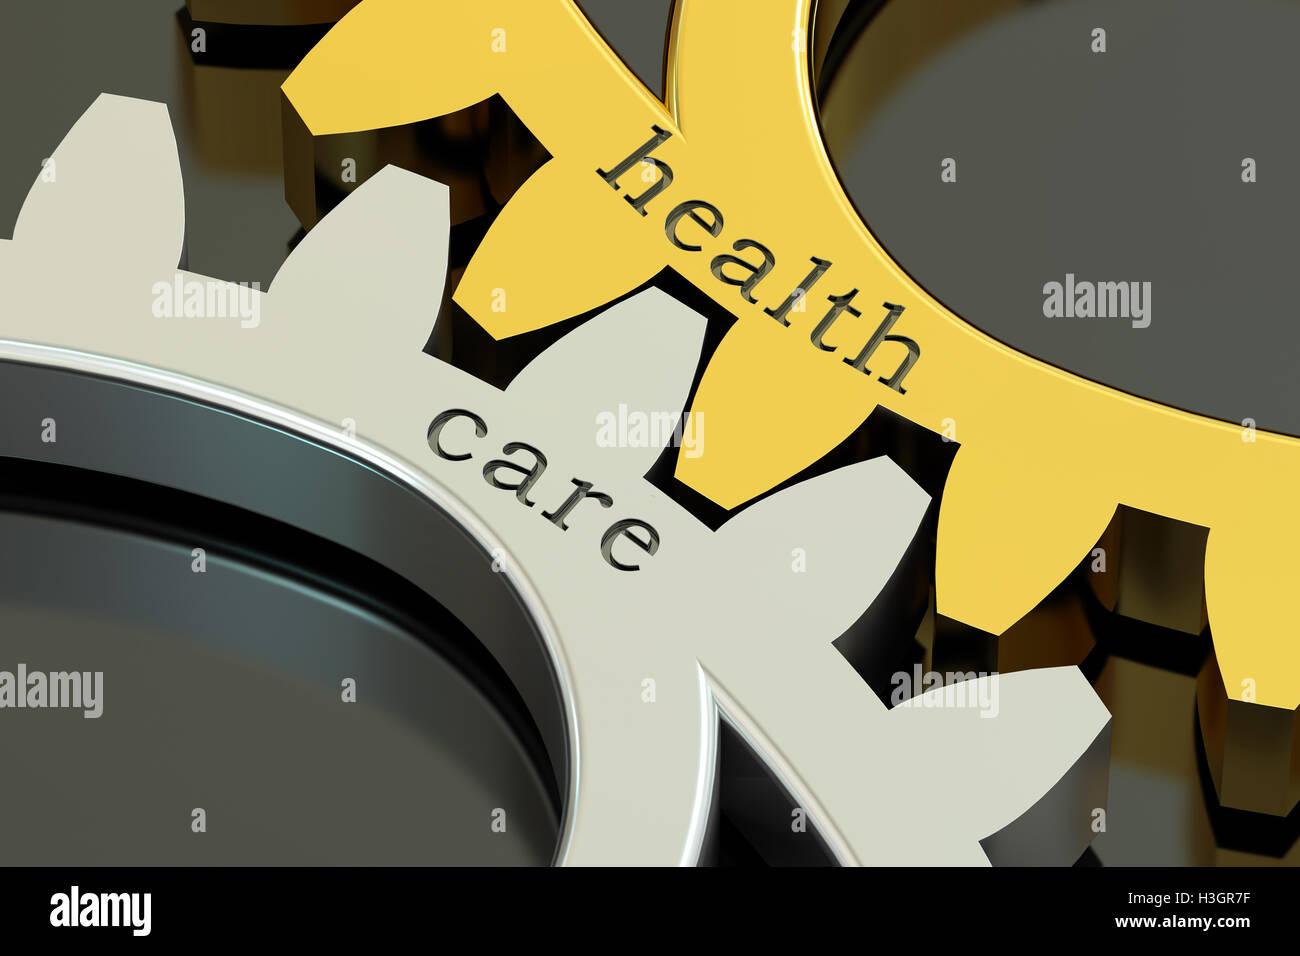 Le concept de soins de santé, sur les roues dentées, 3D Rendering Photo Stock